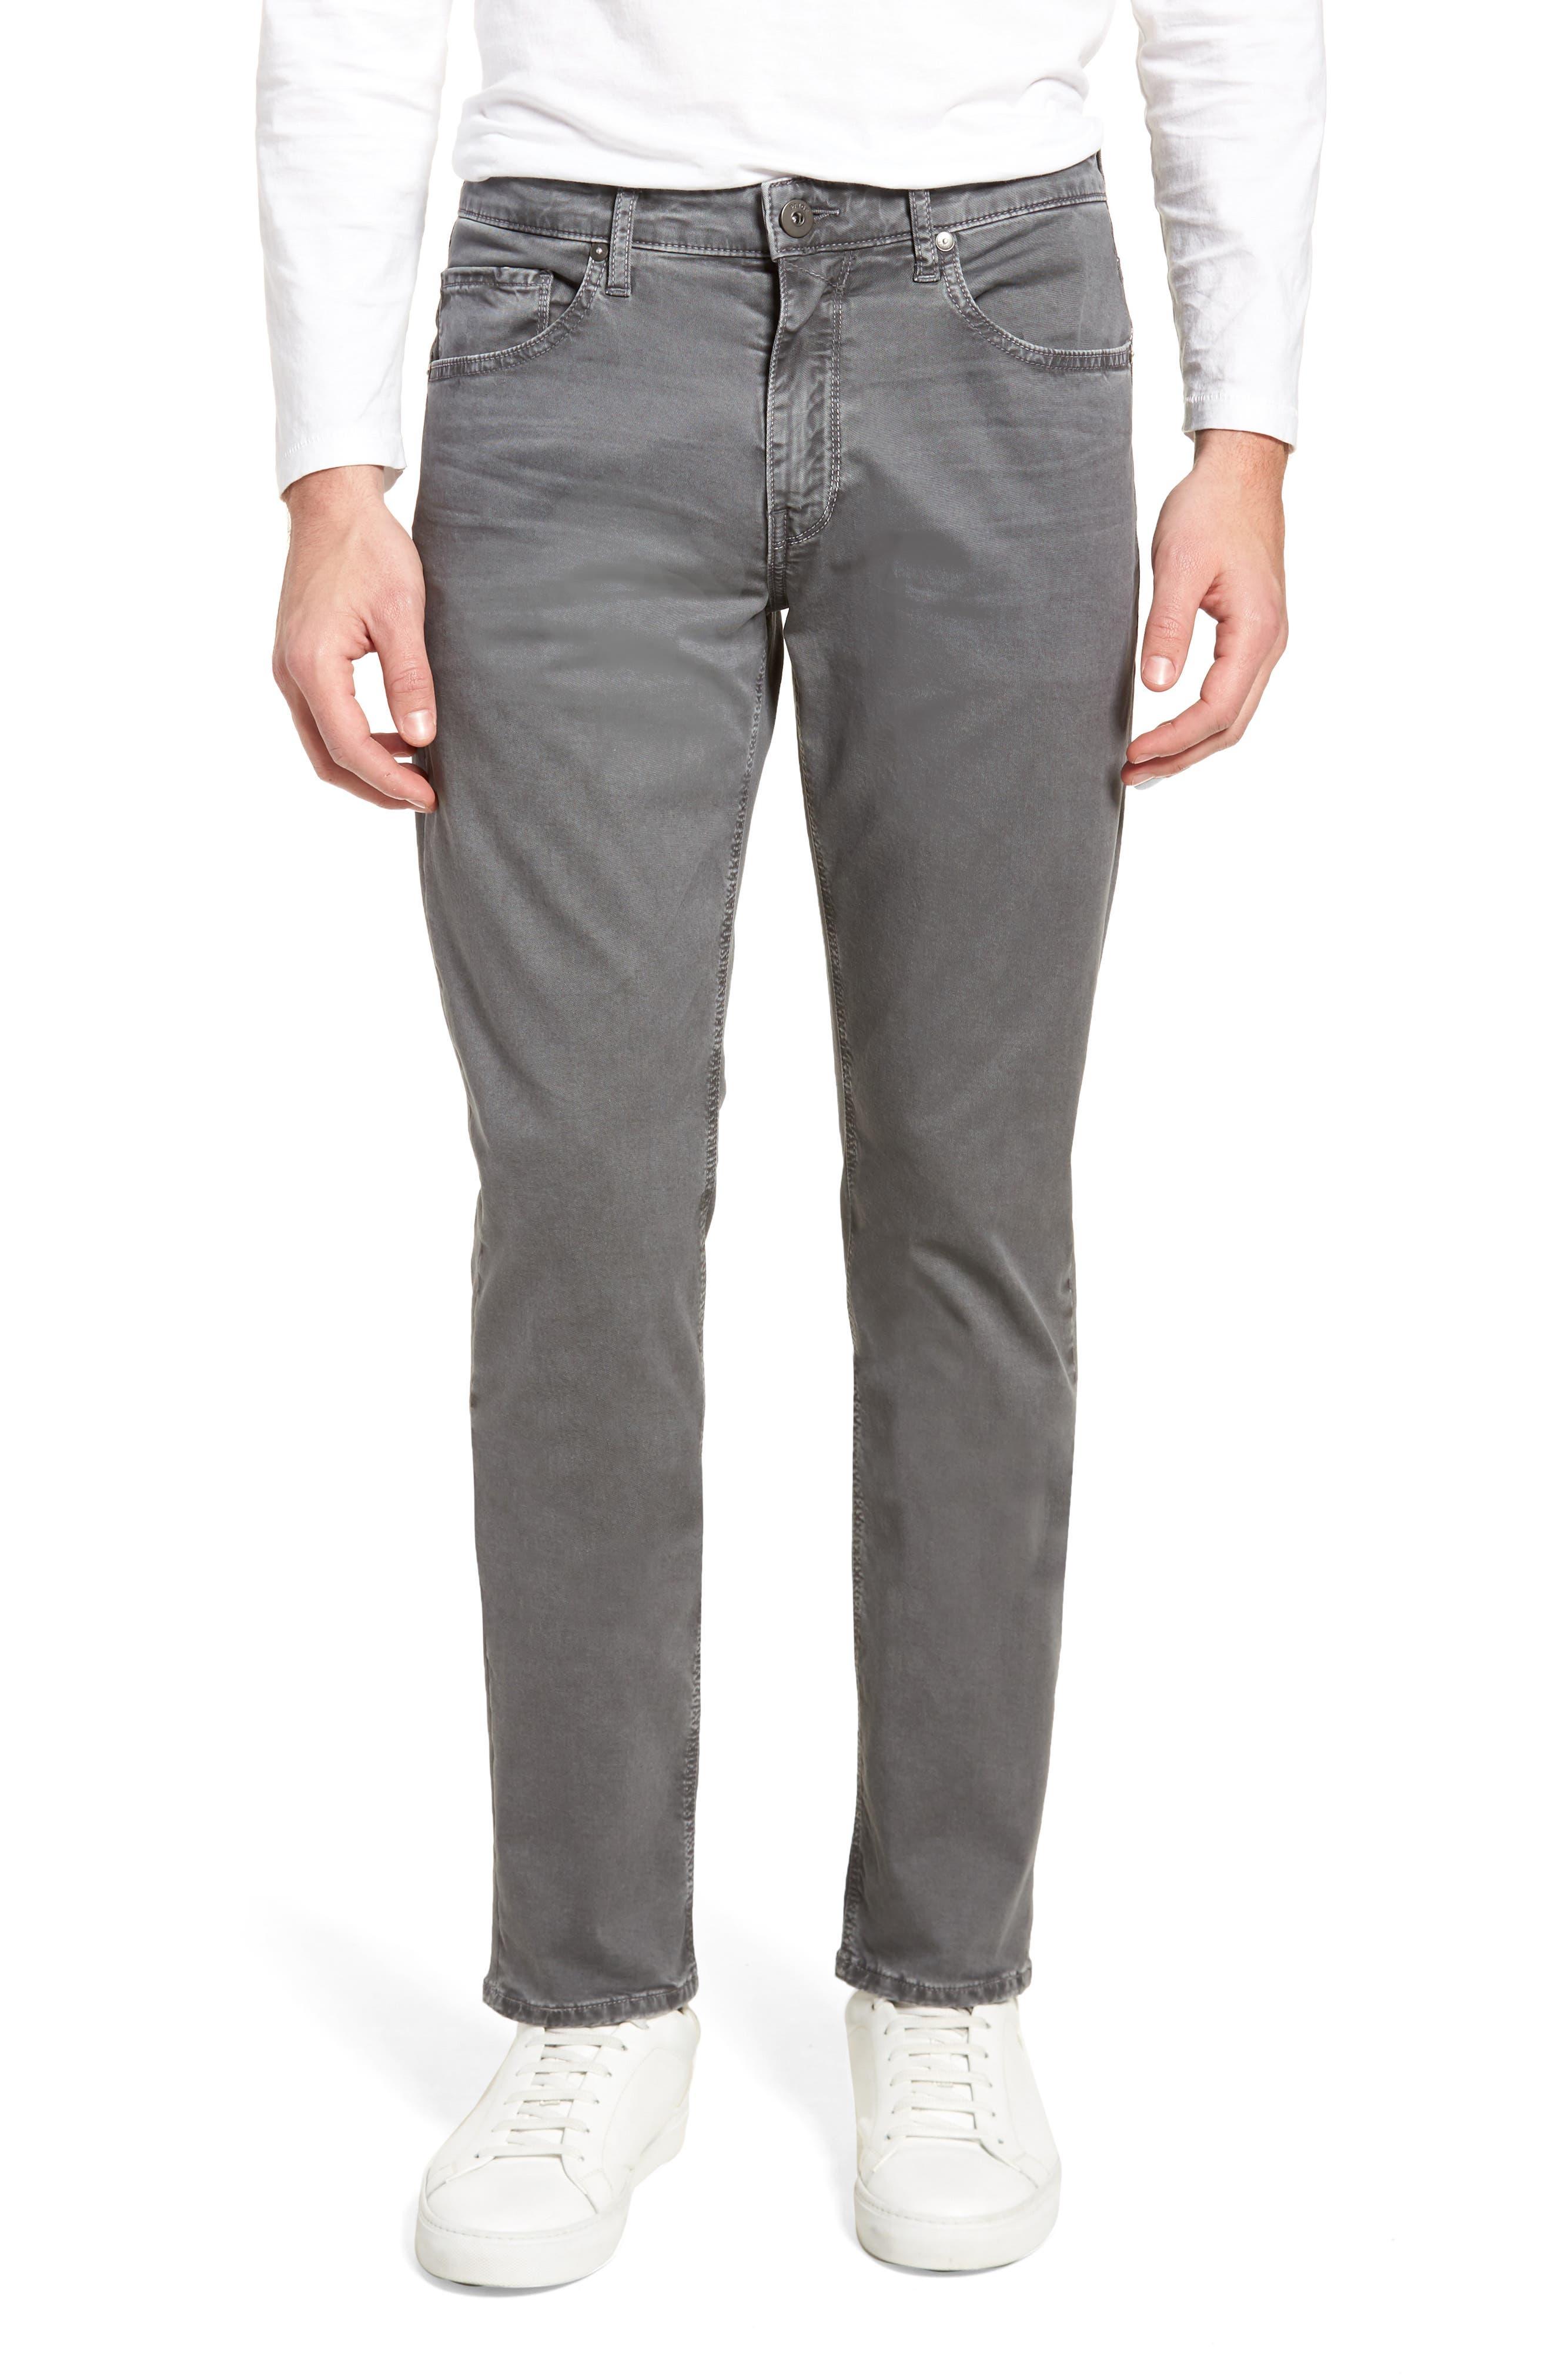 Lennox Slim Fit Five-Pocket Pants,                         Main,                         color, VINTAGE THUNDER GREY